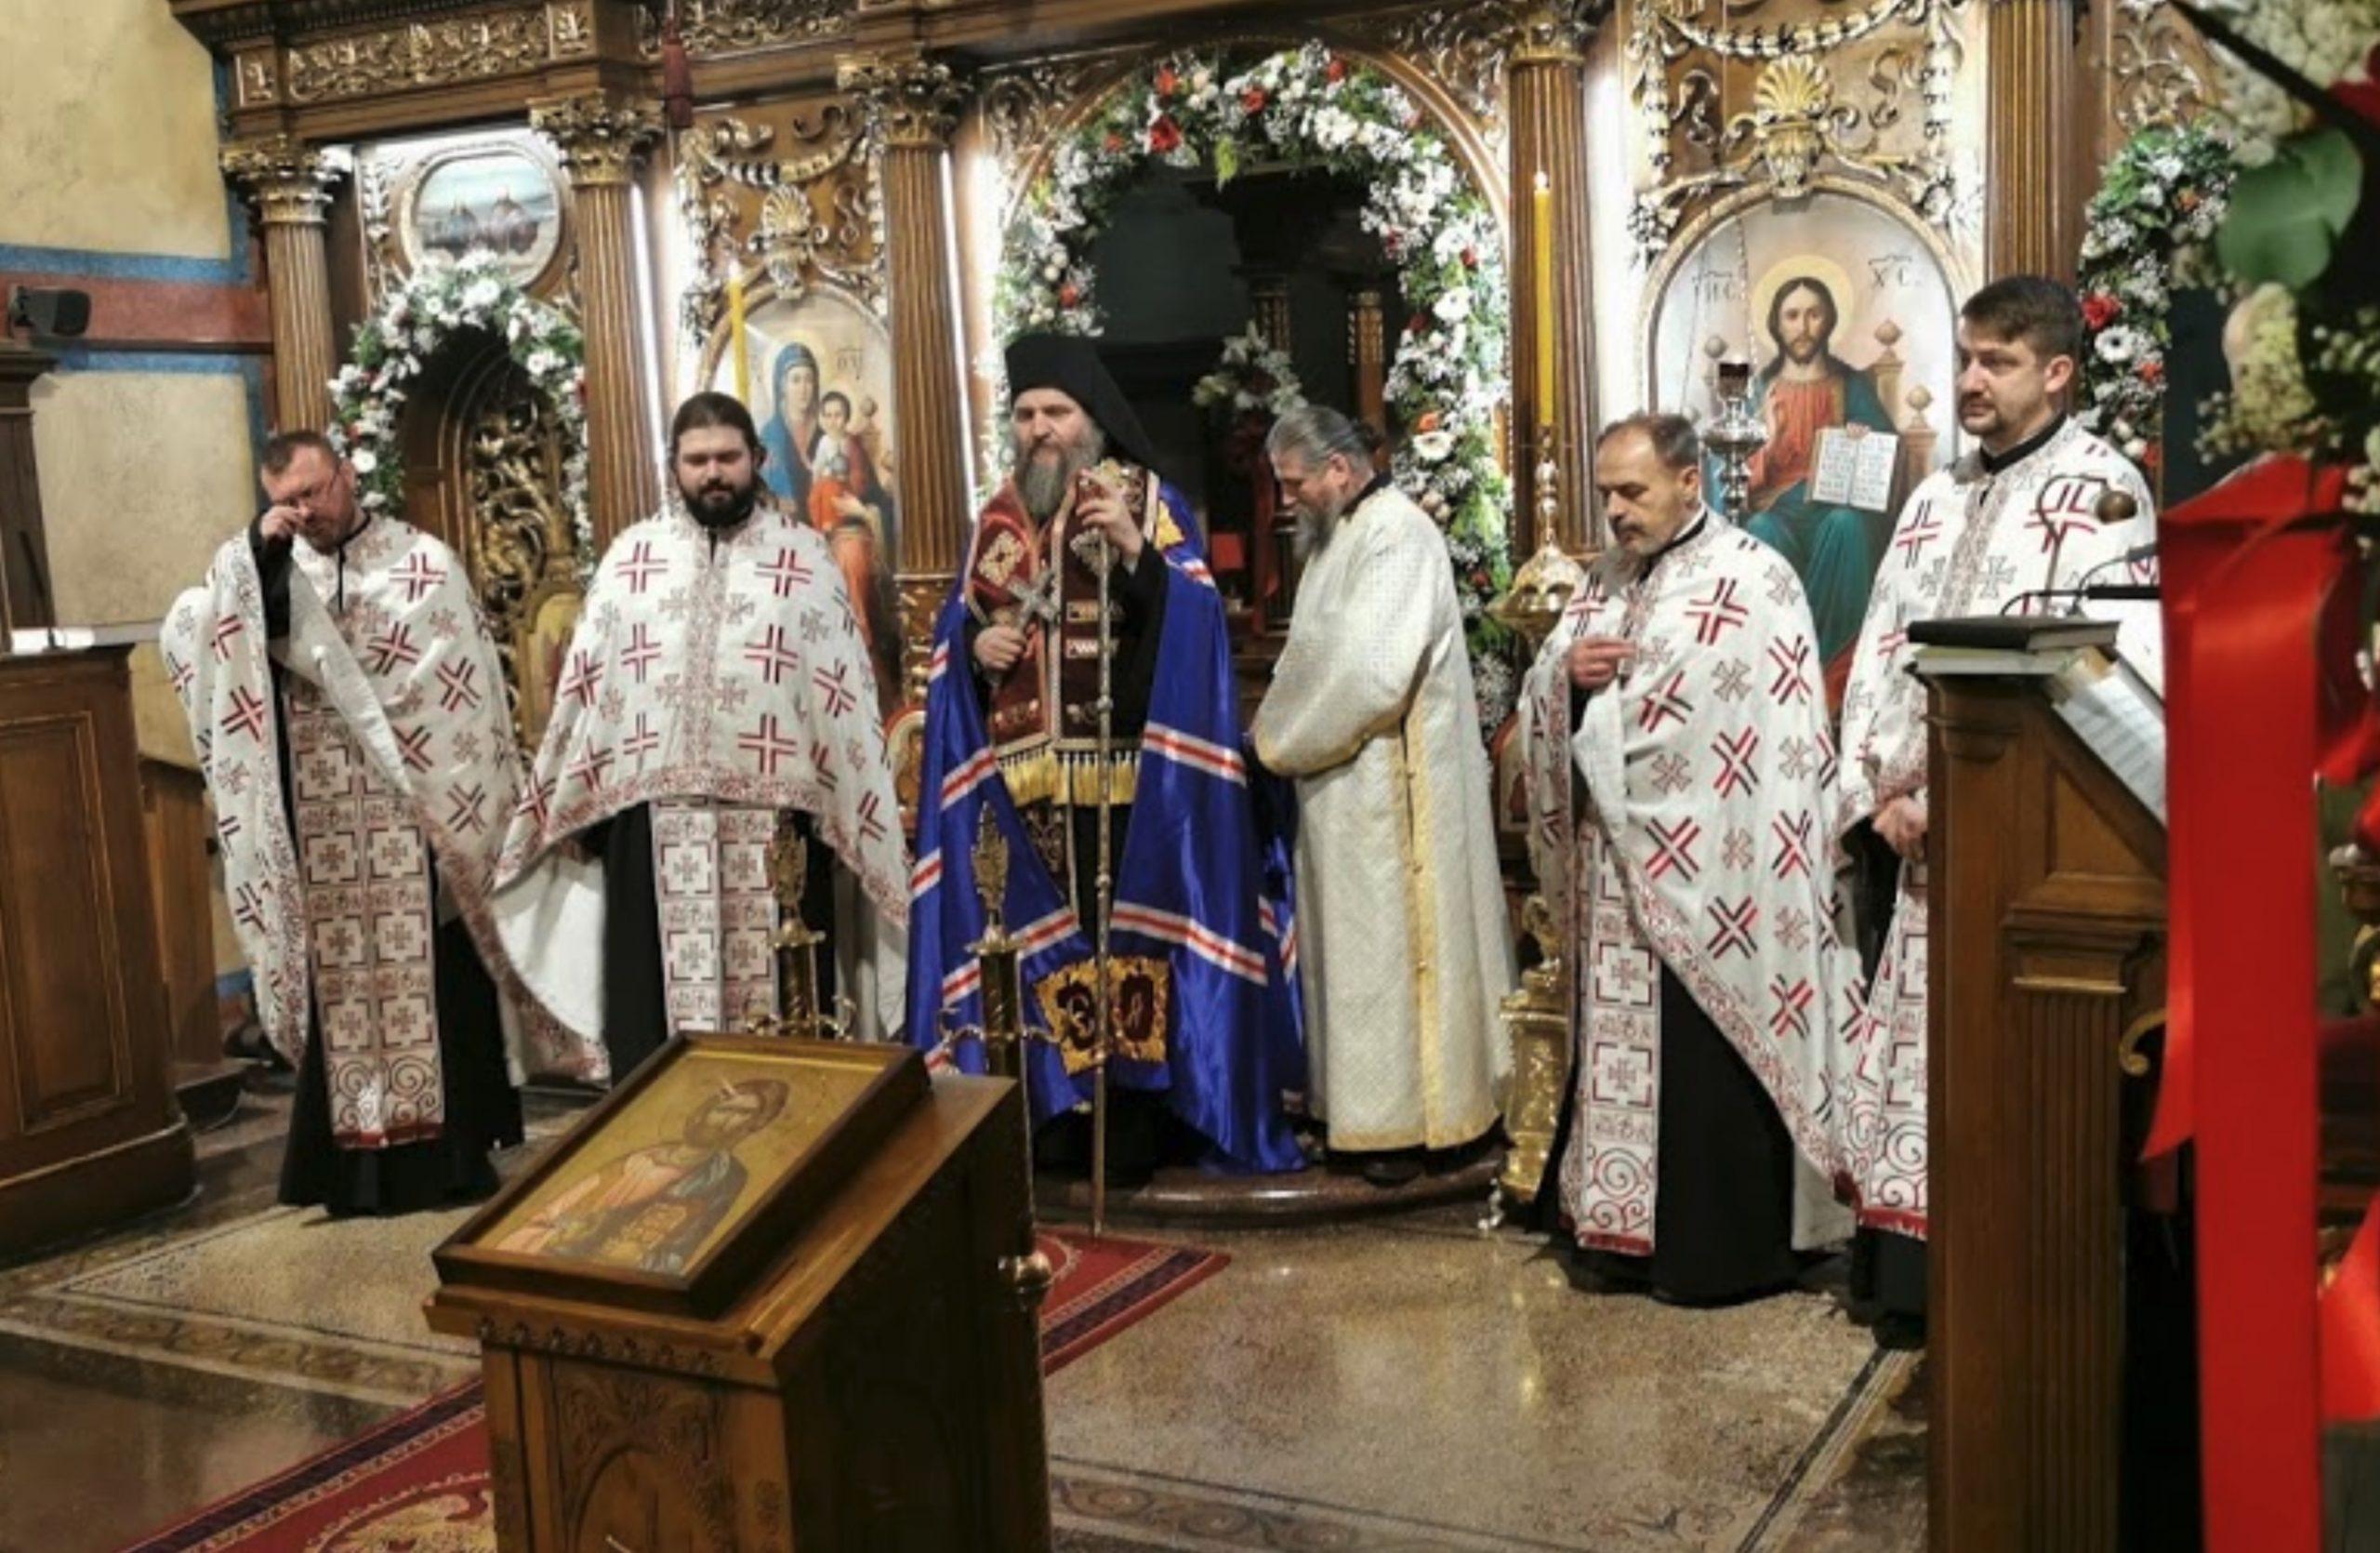 Église orthodoxe serbe d'Autriche et de Suisse : « La vaccination est une question médicale et non religieuse »